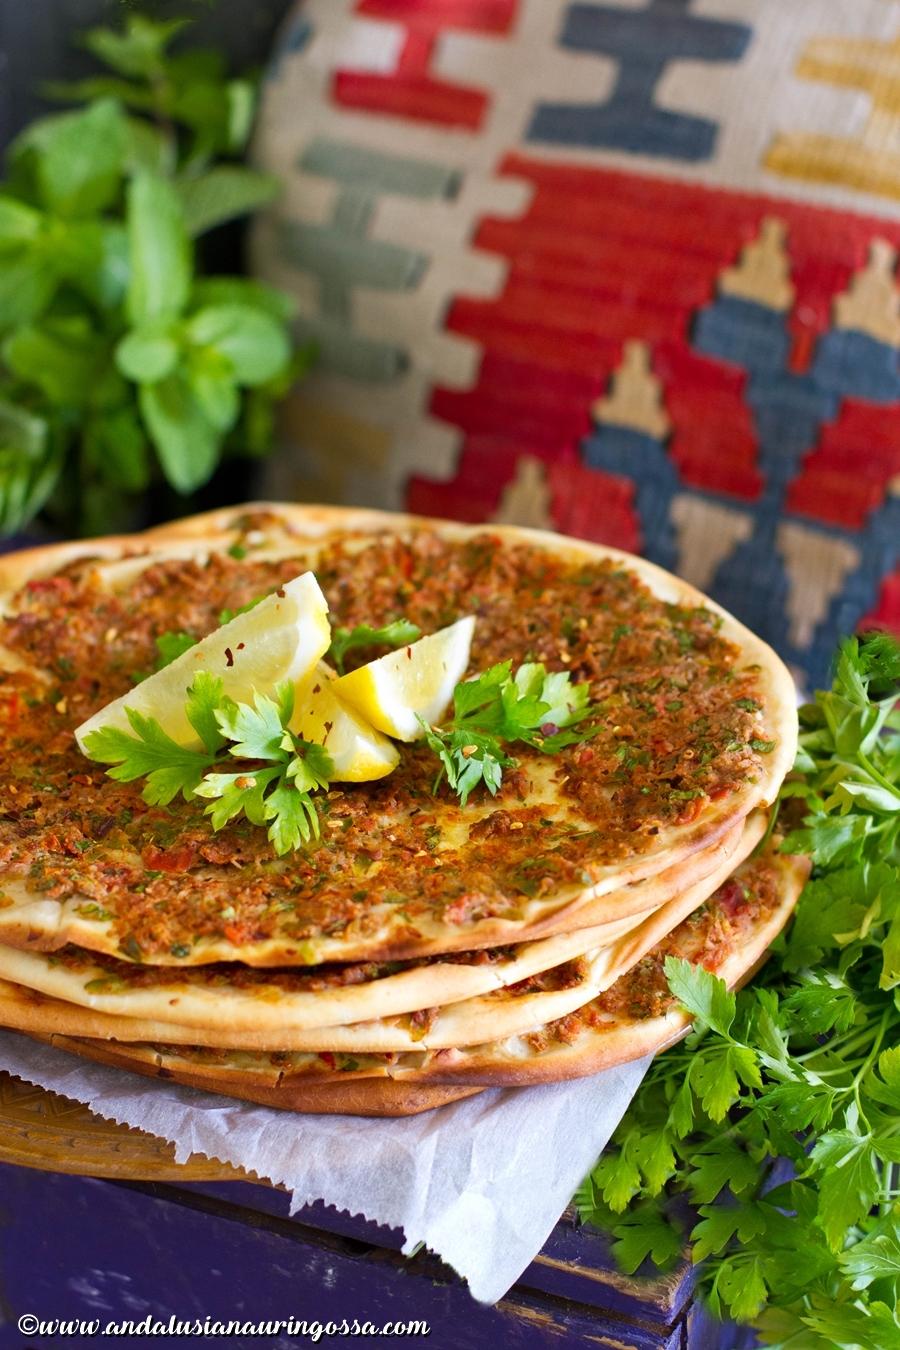 Lahmacun_resepti_turkkilainen pizza_kosher_gluteeniton_lammaspizza_Andalusian auringossa_ruokablogi_matkablogi_4